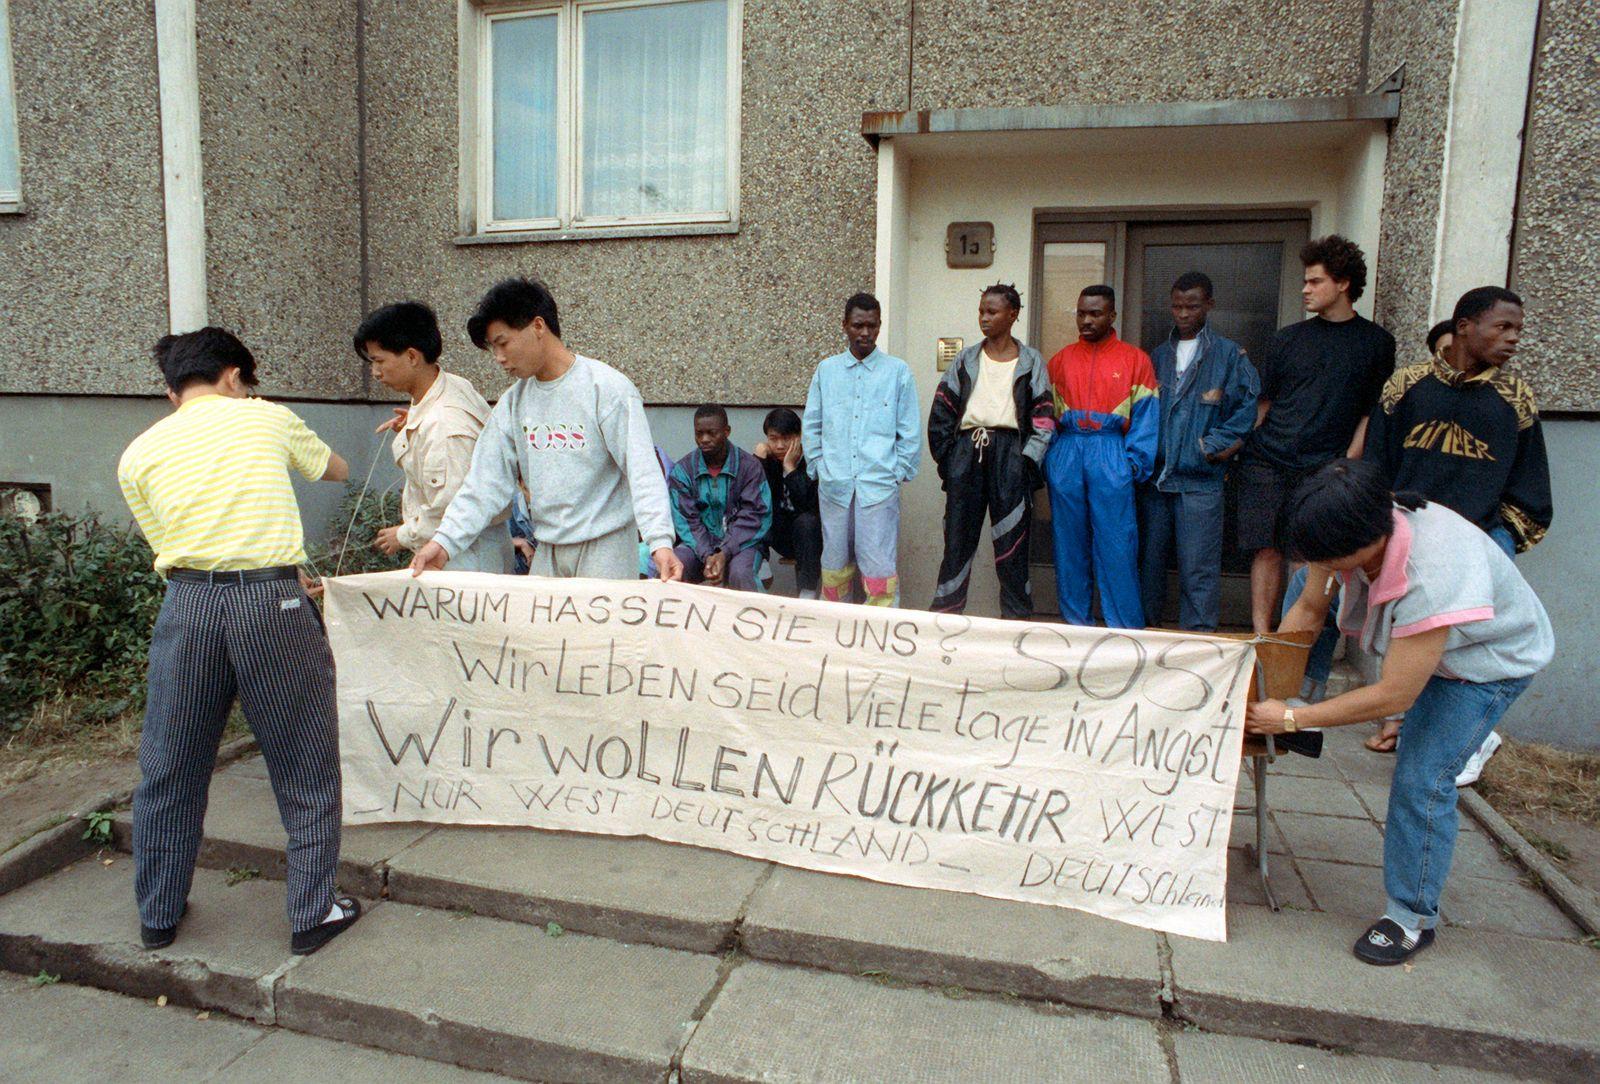 25 Jahre nach fremdenfeindliche Ausschreitungen in Hoyerswerda